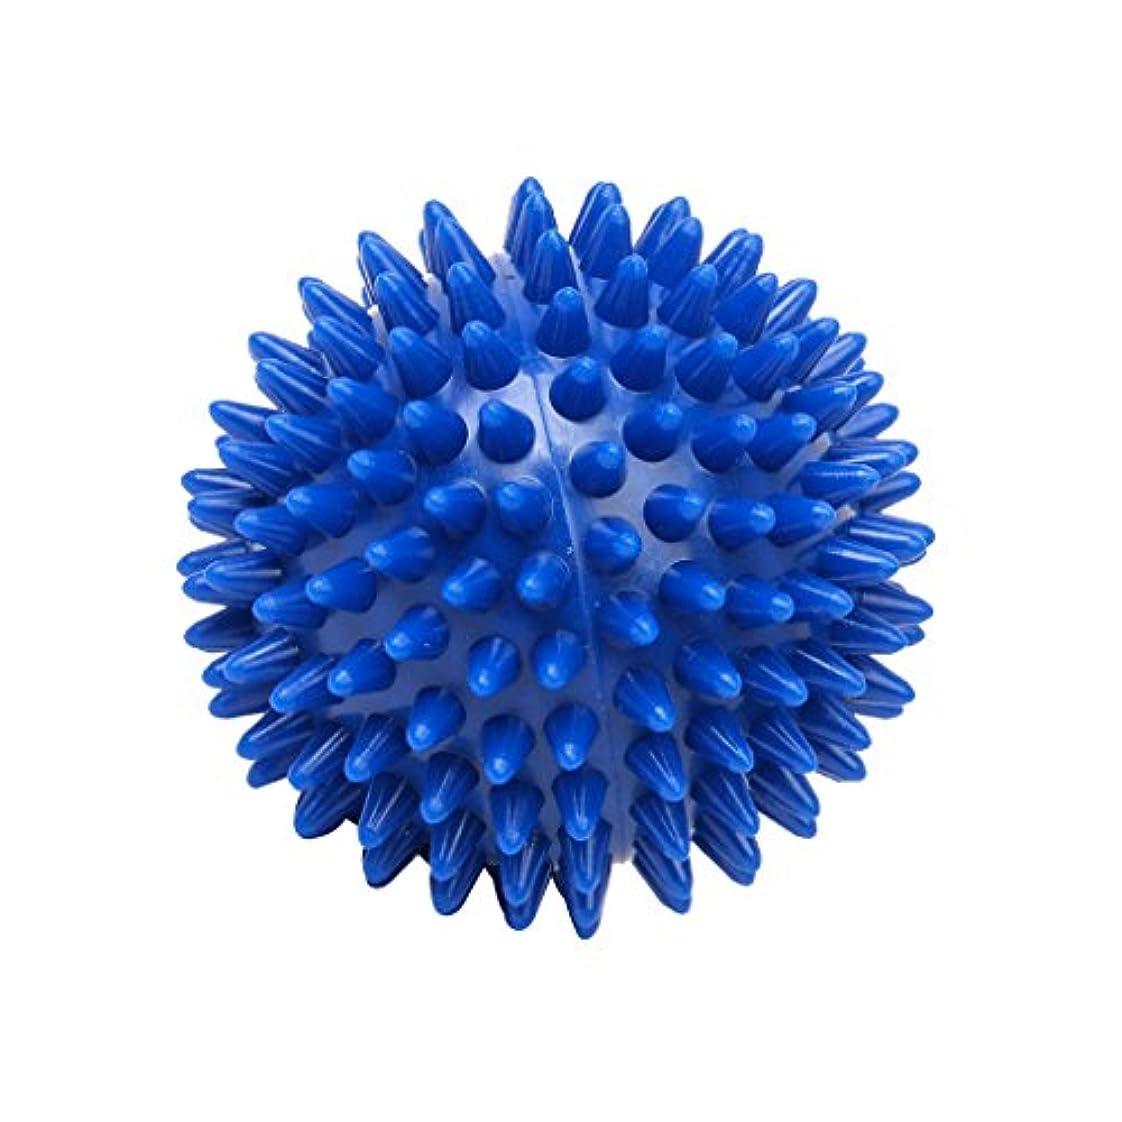 洞窟起きろ発見するFootful マッサージボール 健康グッズ 健康器具 血液循環促進 緊張緩和 7cm ブルー